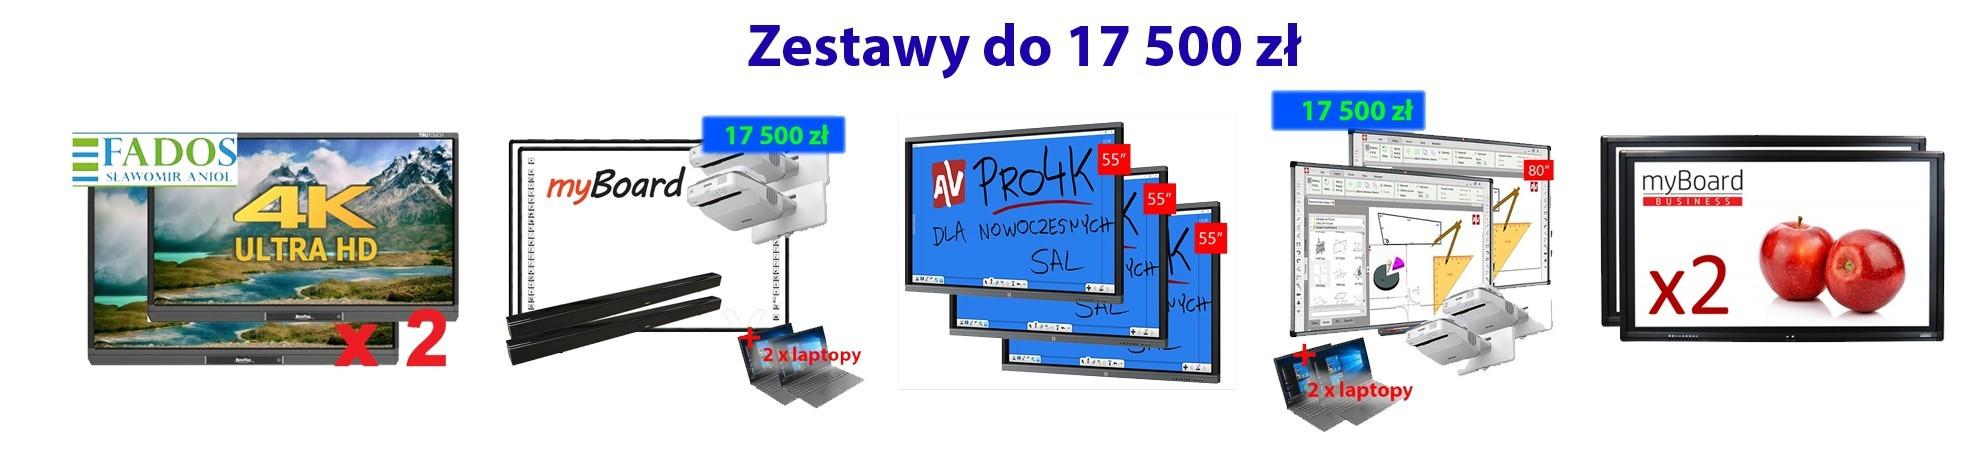 Zestaw 17500 Aktywna tablica